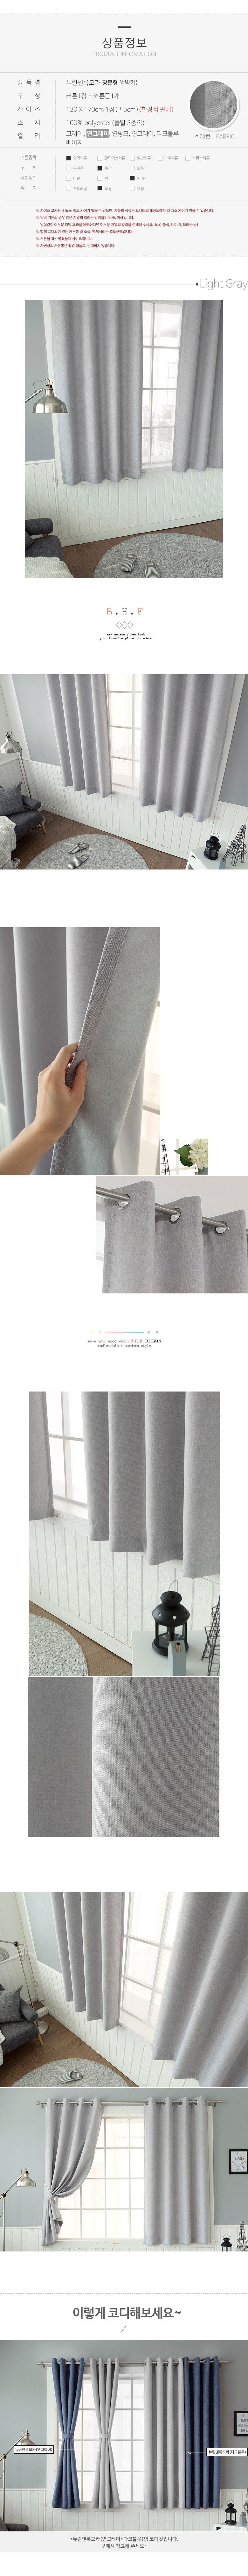 BHF 뉴린넨룩모카 호텔식 창문 암막커튼 1장(130x170cm) - 비에이치에프, 16,900원, 암막커튼, 무지/솔리드